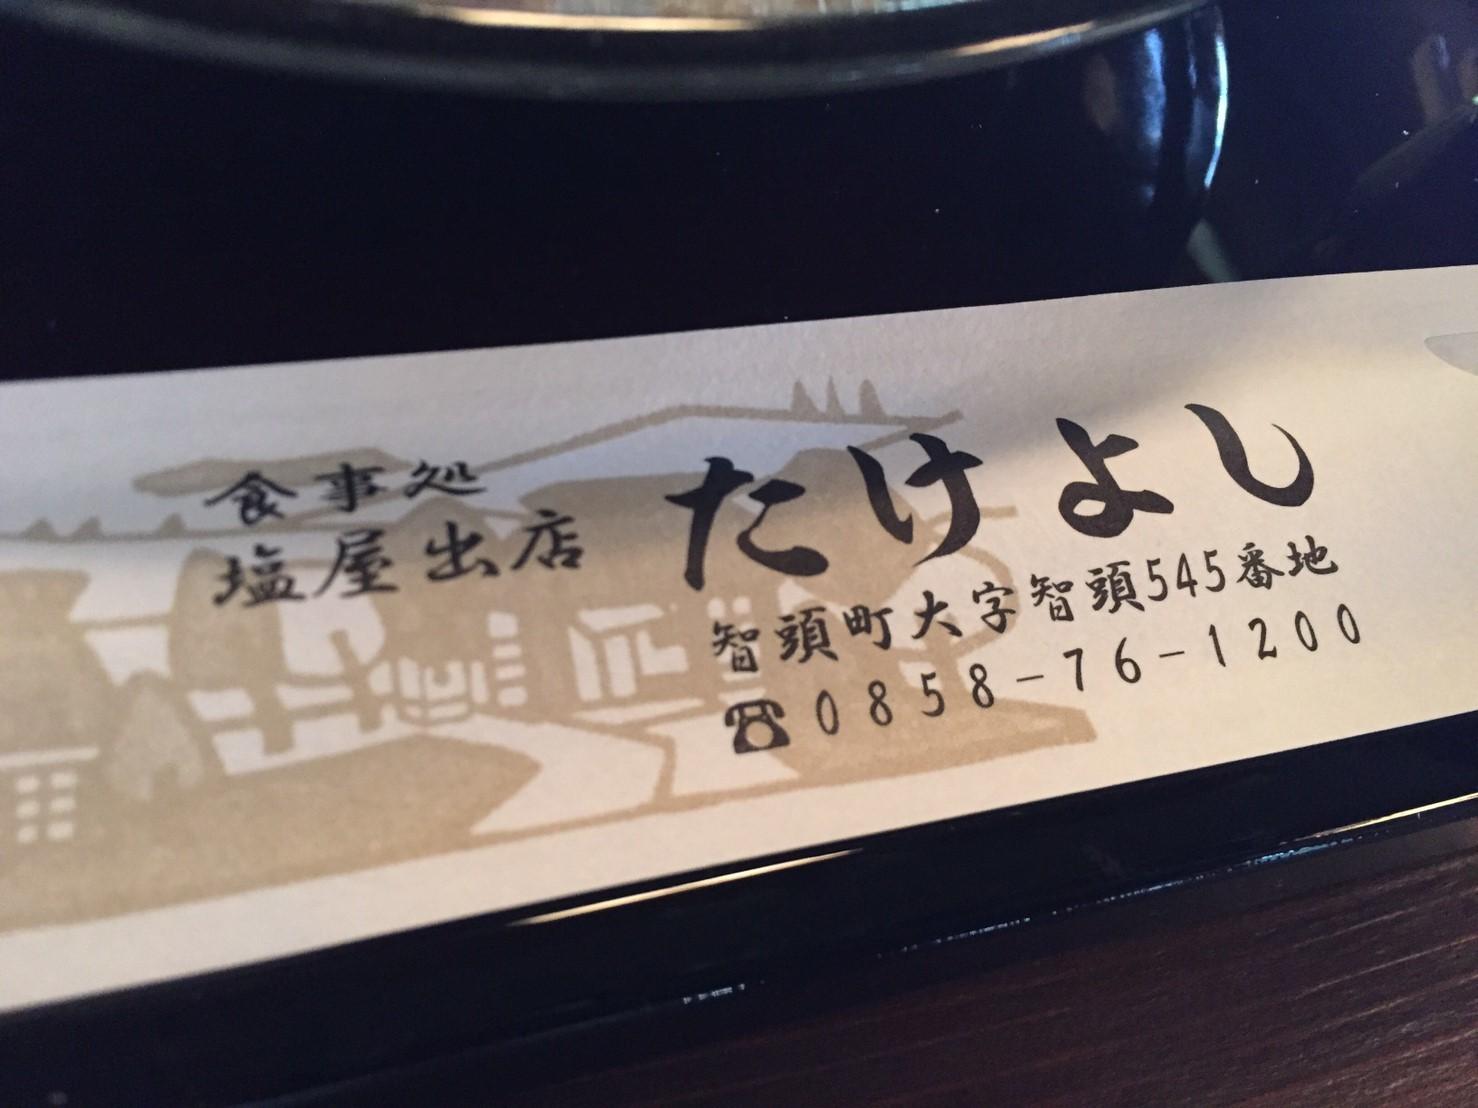 食事処 塩屋出店 たけよし & 喫茶樹里 閉店_e0115904_23083614.jpg